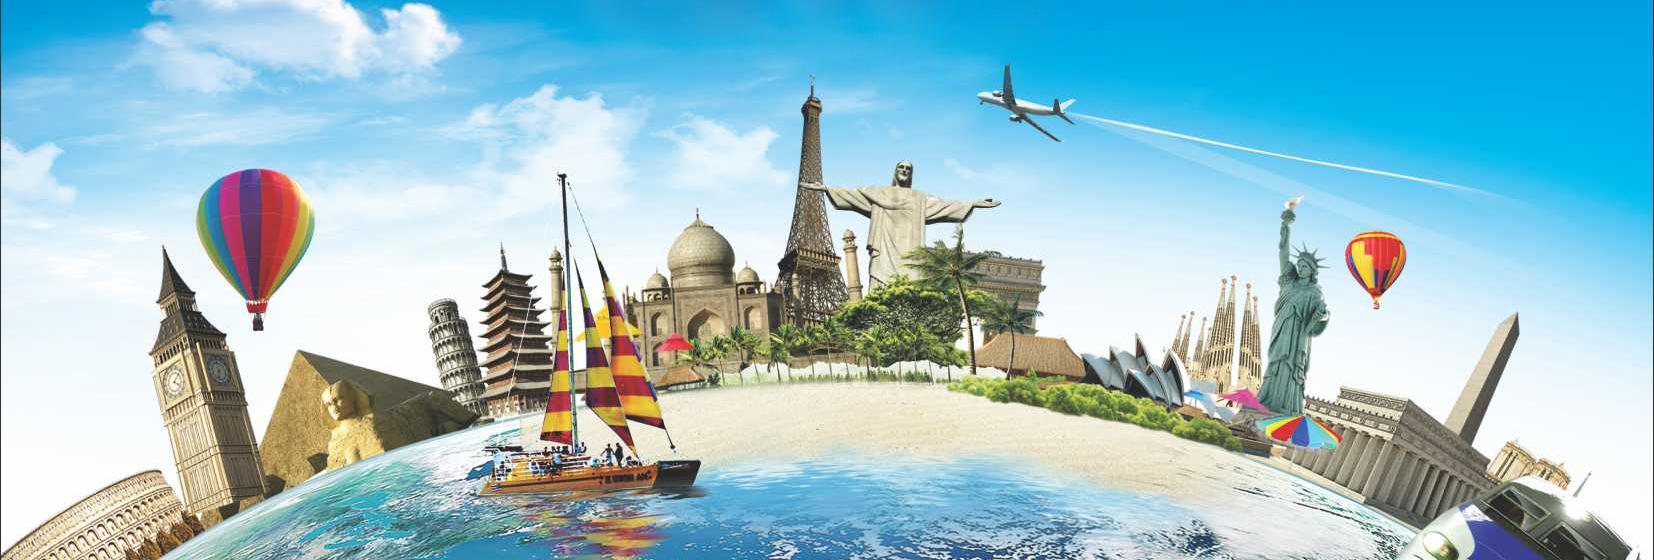 Resultado de imagen para imagenes del turismo